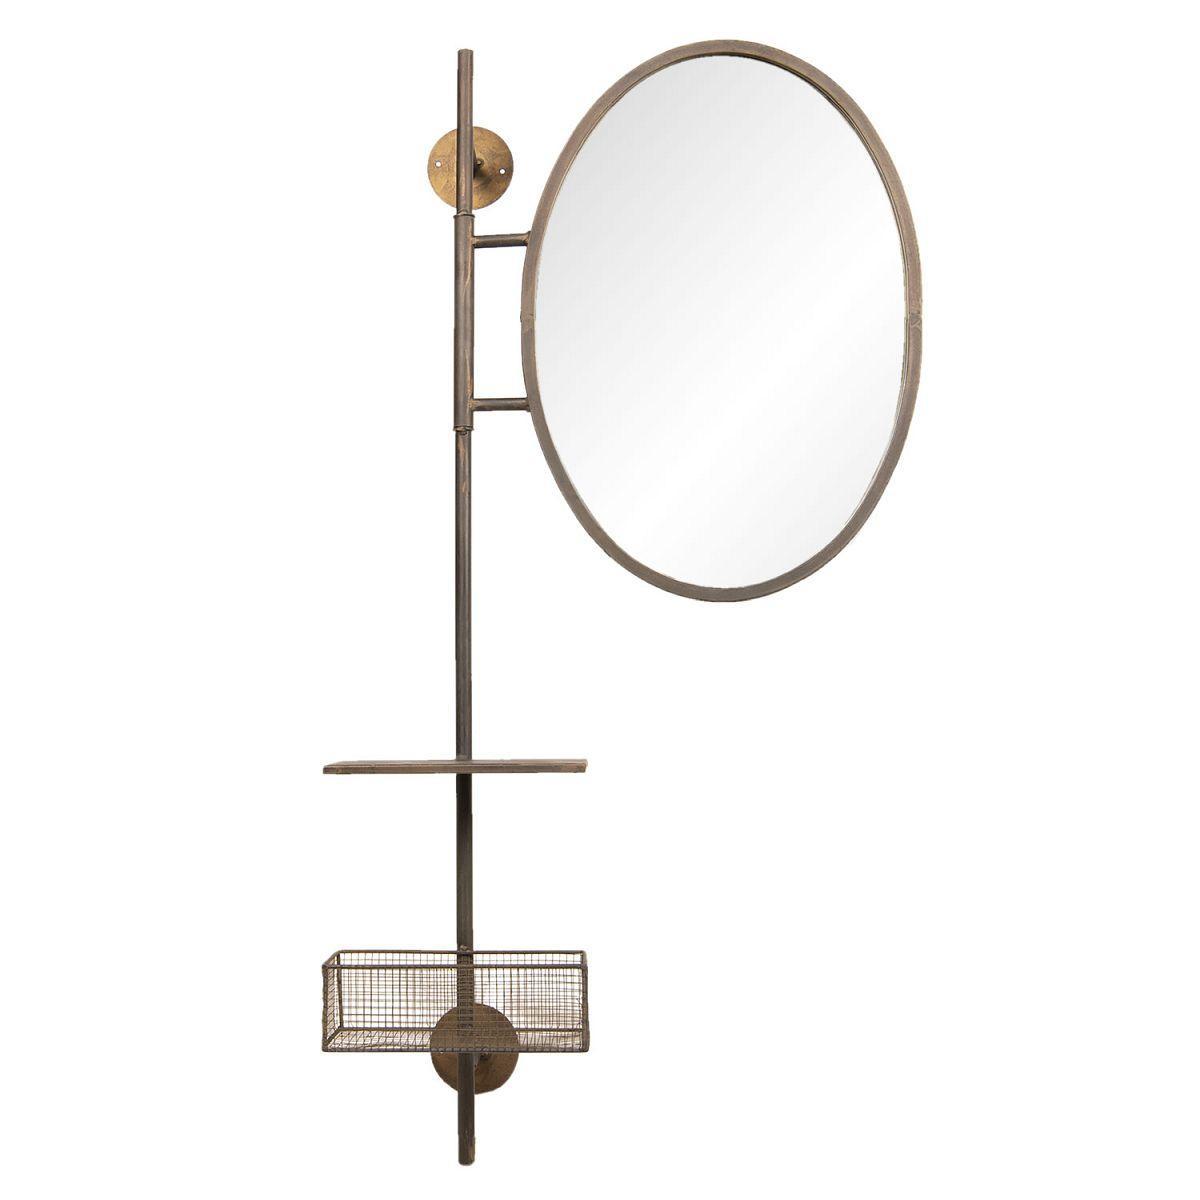 Nástěnné zrcadlo s poličkou a košíkem